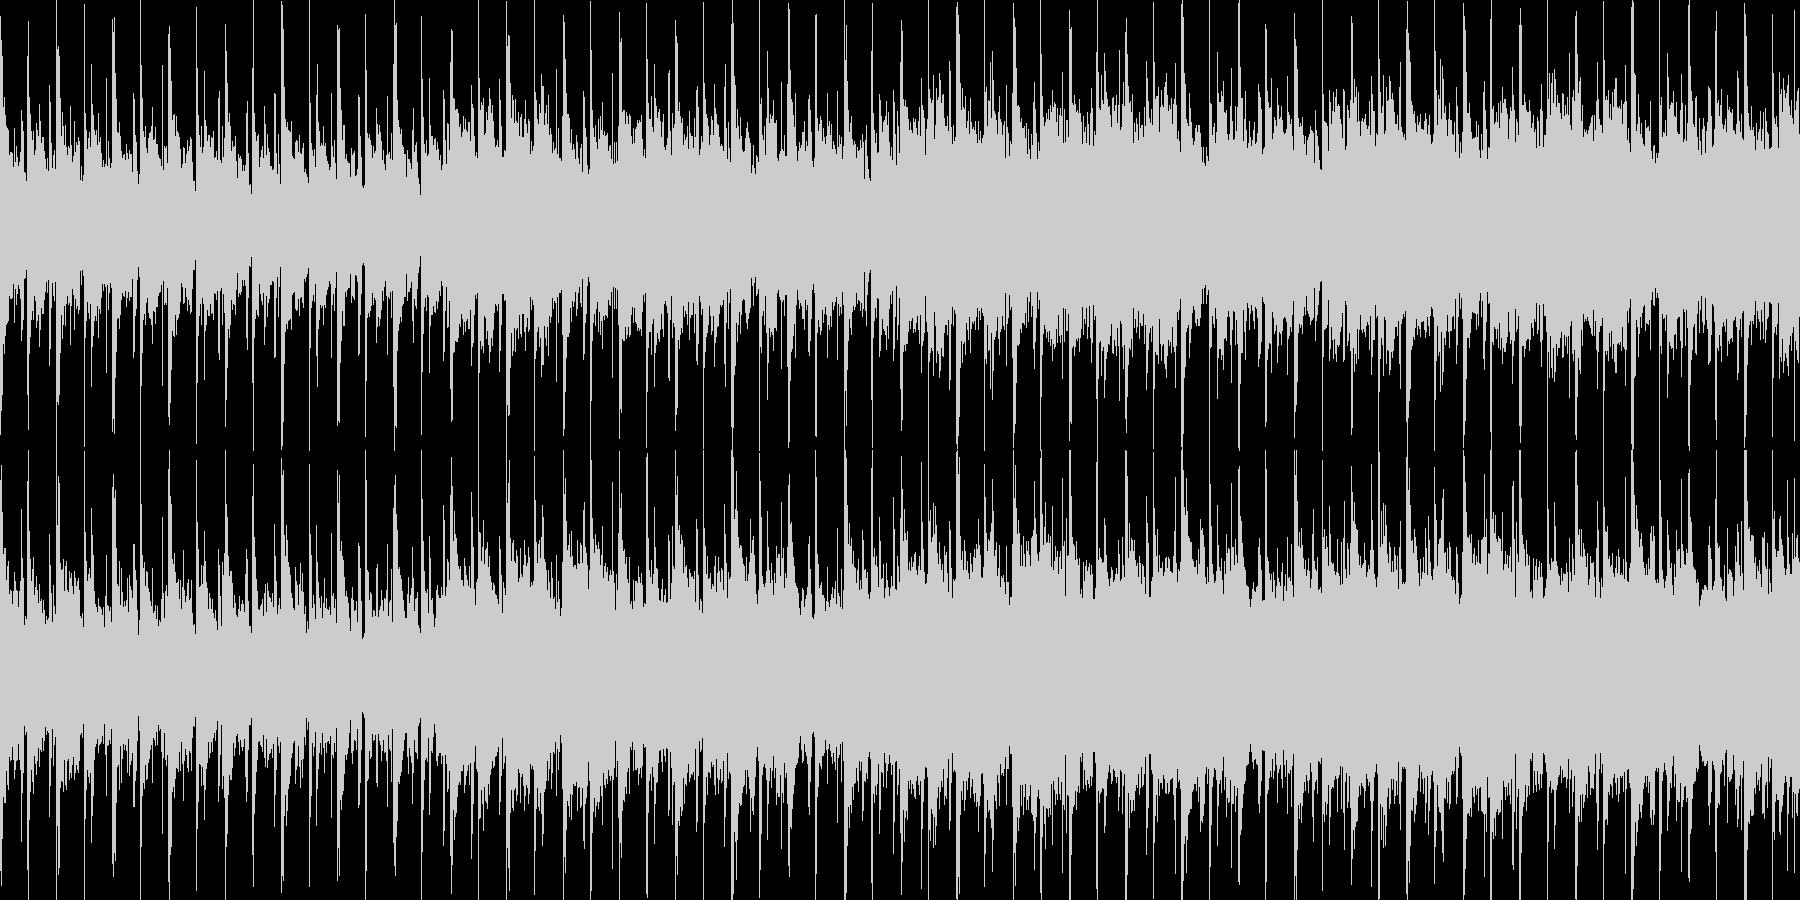 ピアノが幻想的で森の中の様な優しいBGMの未再生の波形